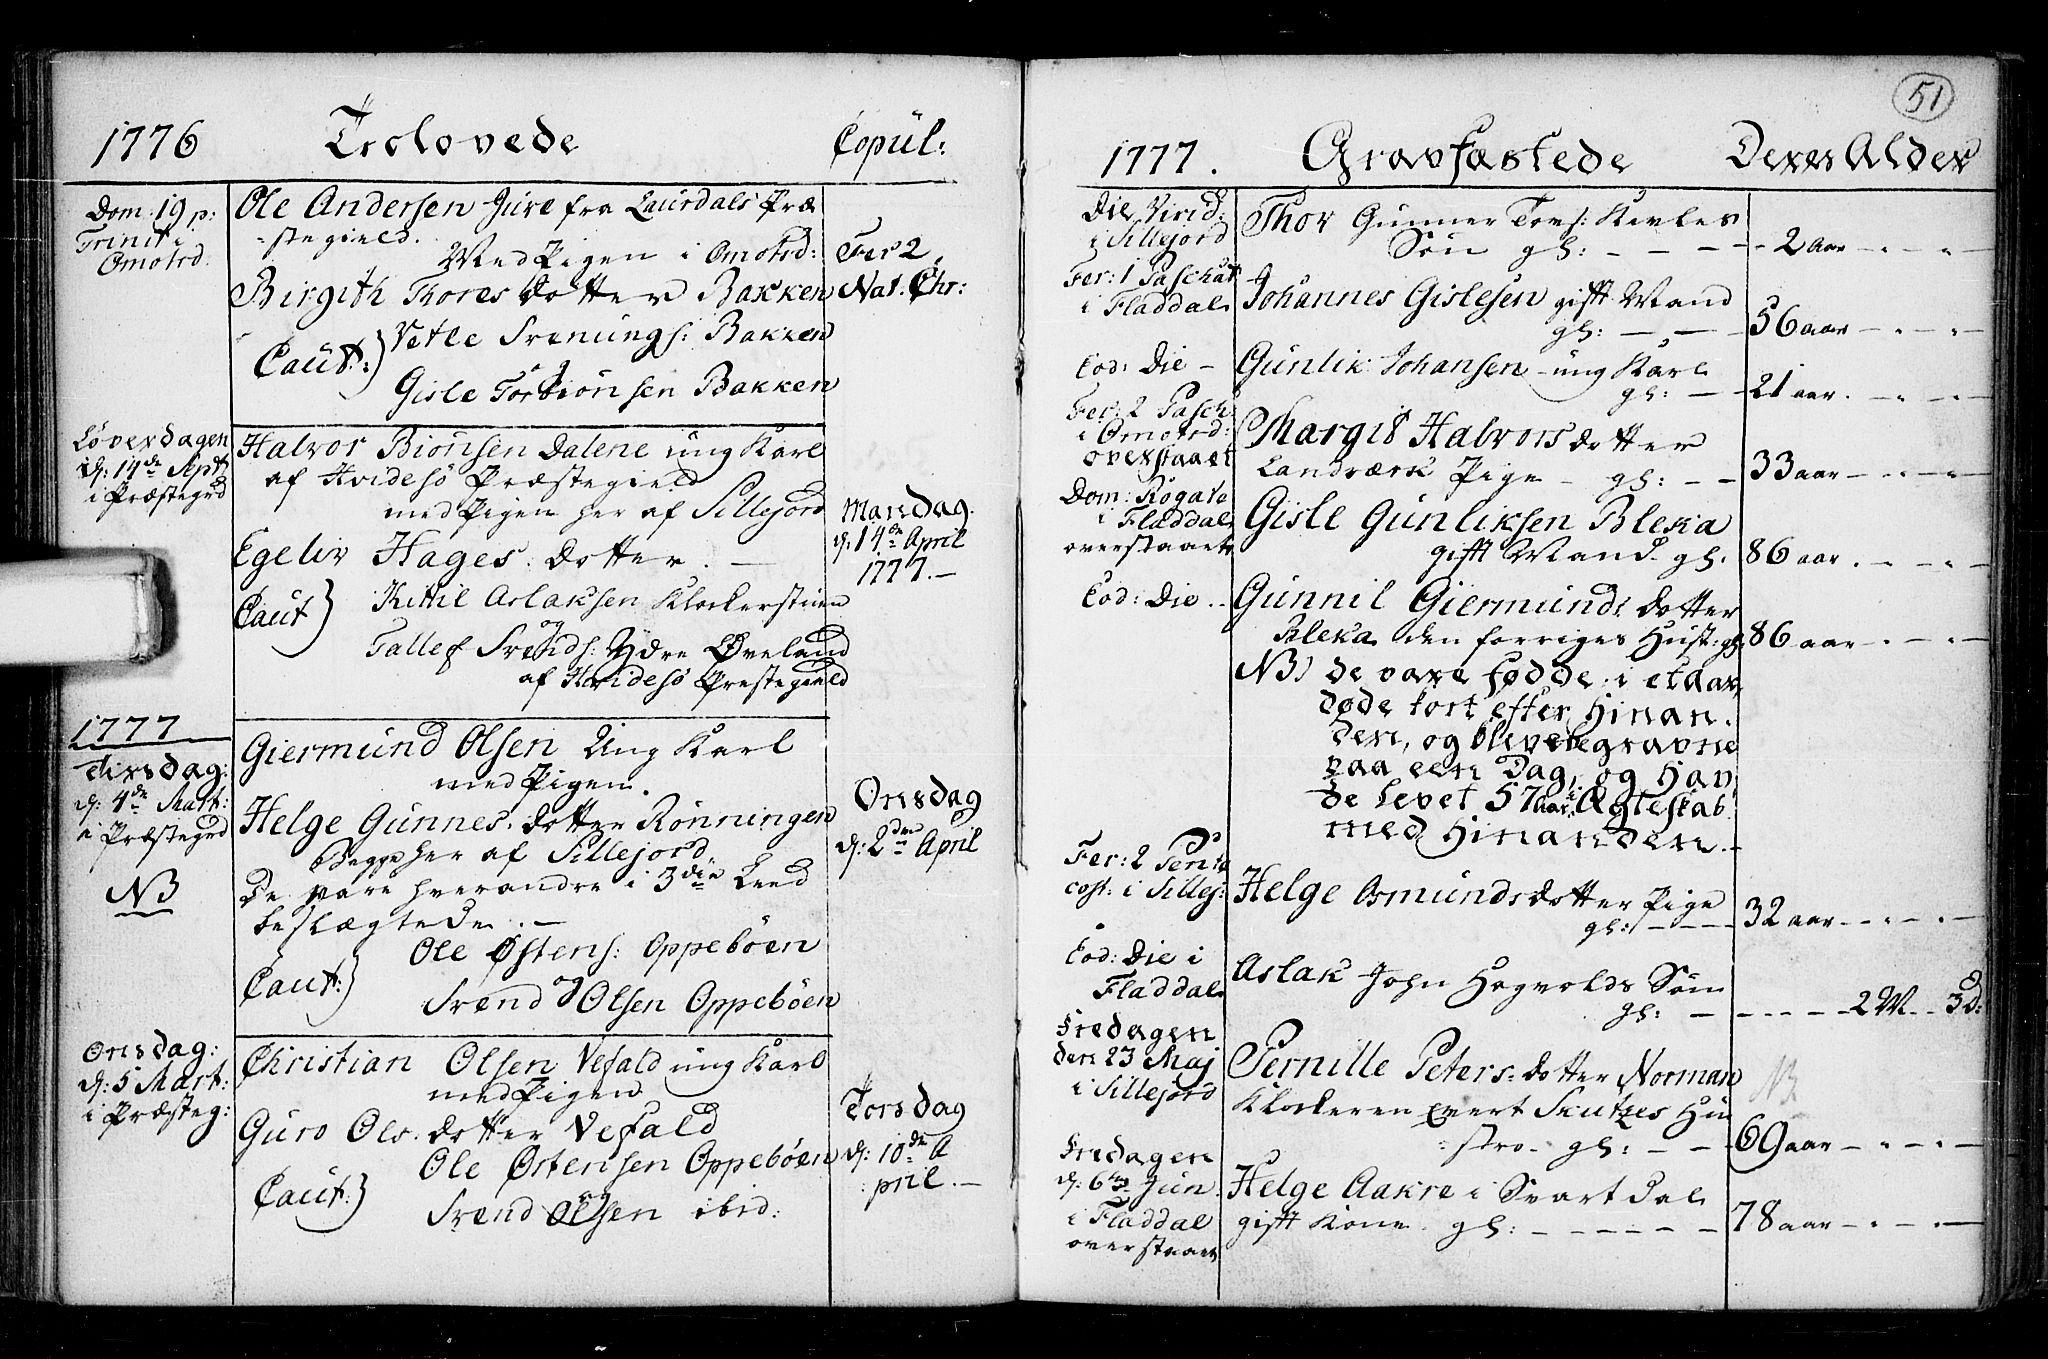 SAKO, Seljord kirkebøker, F/Fa/L0008: Ministerialbok nr. I 8, 1755-1814, s. 51